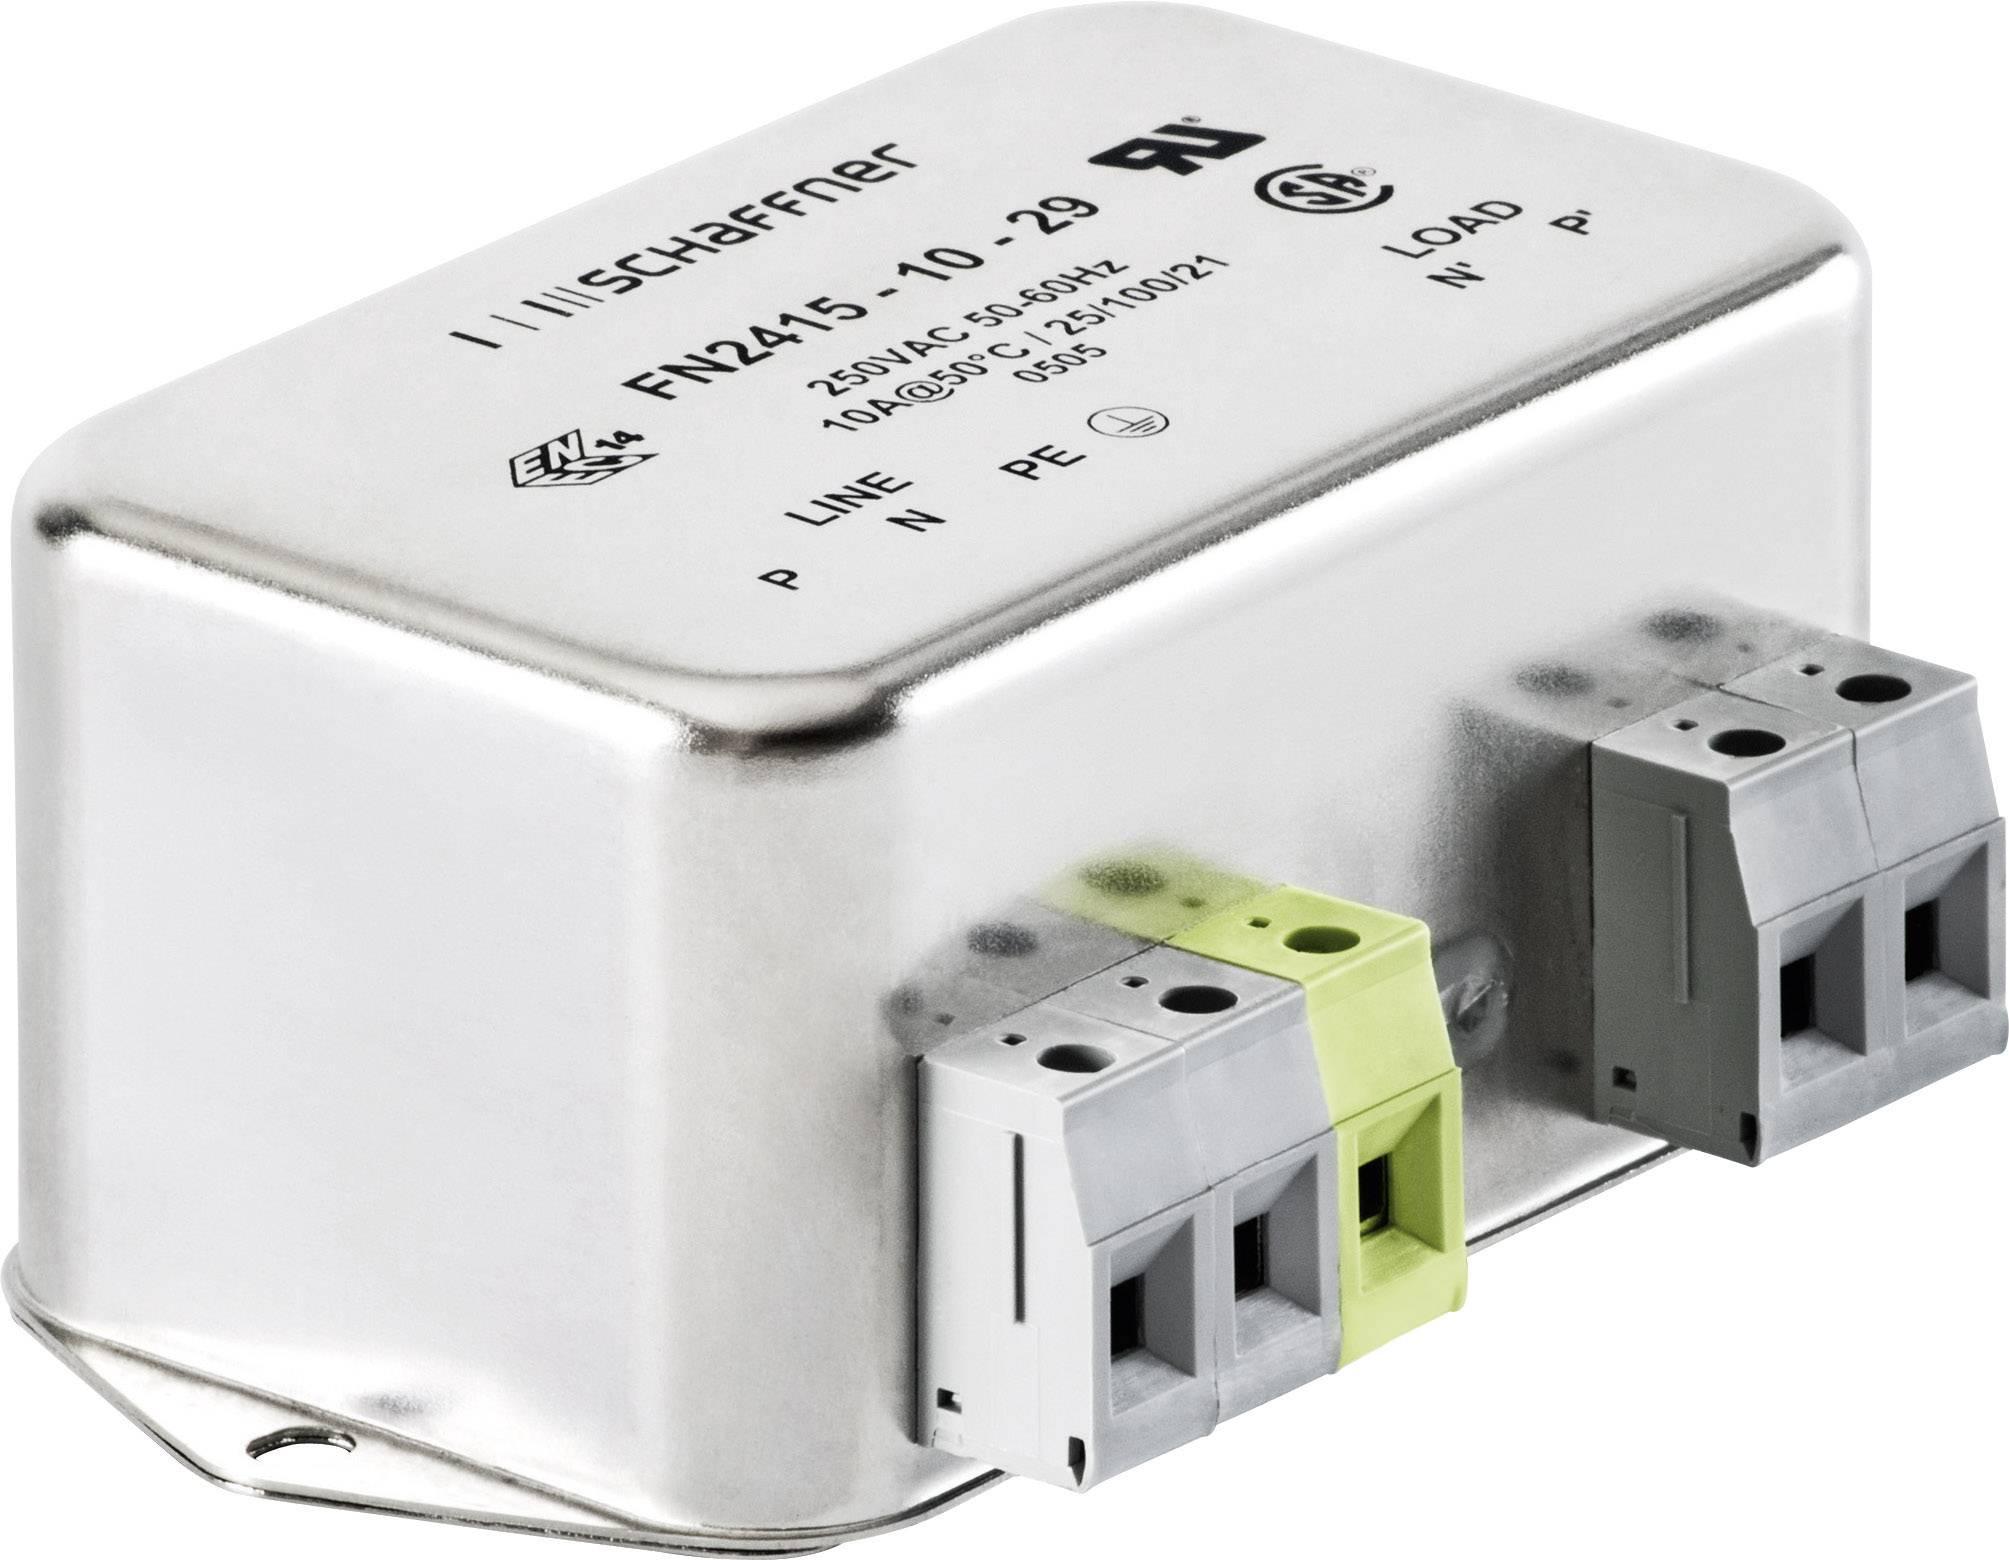 Jednofázový síťový filtr Schaffner, FN2415-6-29, 250 V/AC, 6 A